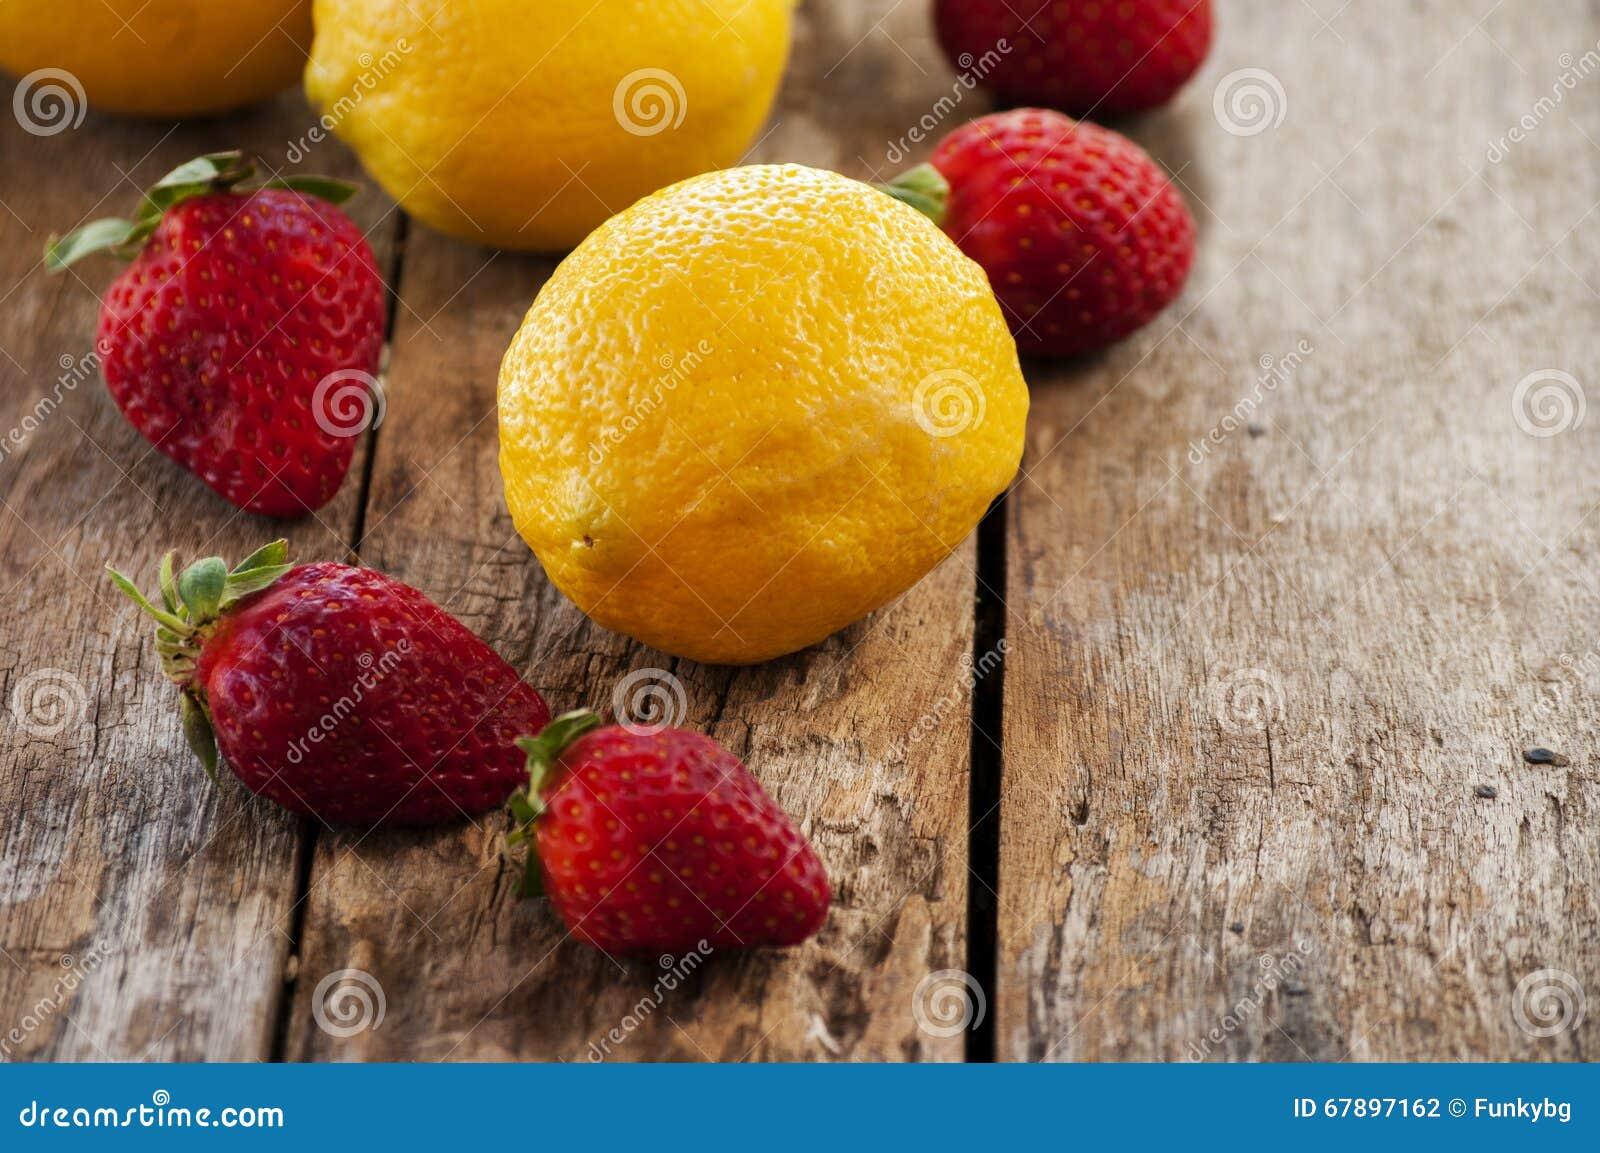 柠檬和草莓,